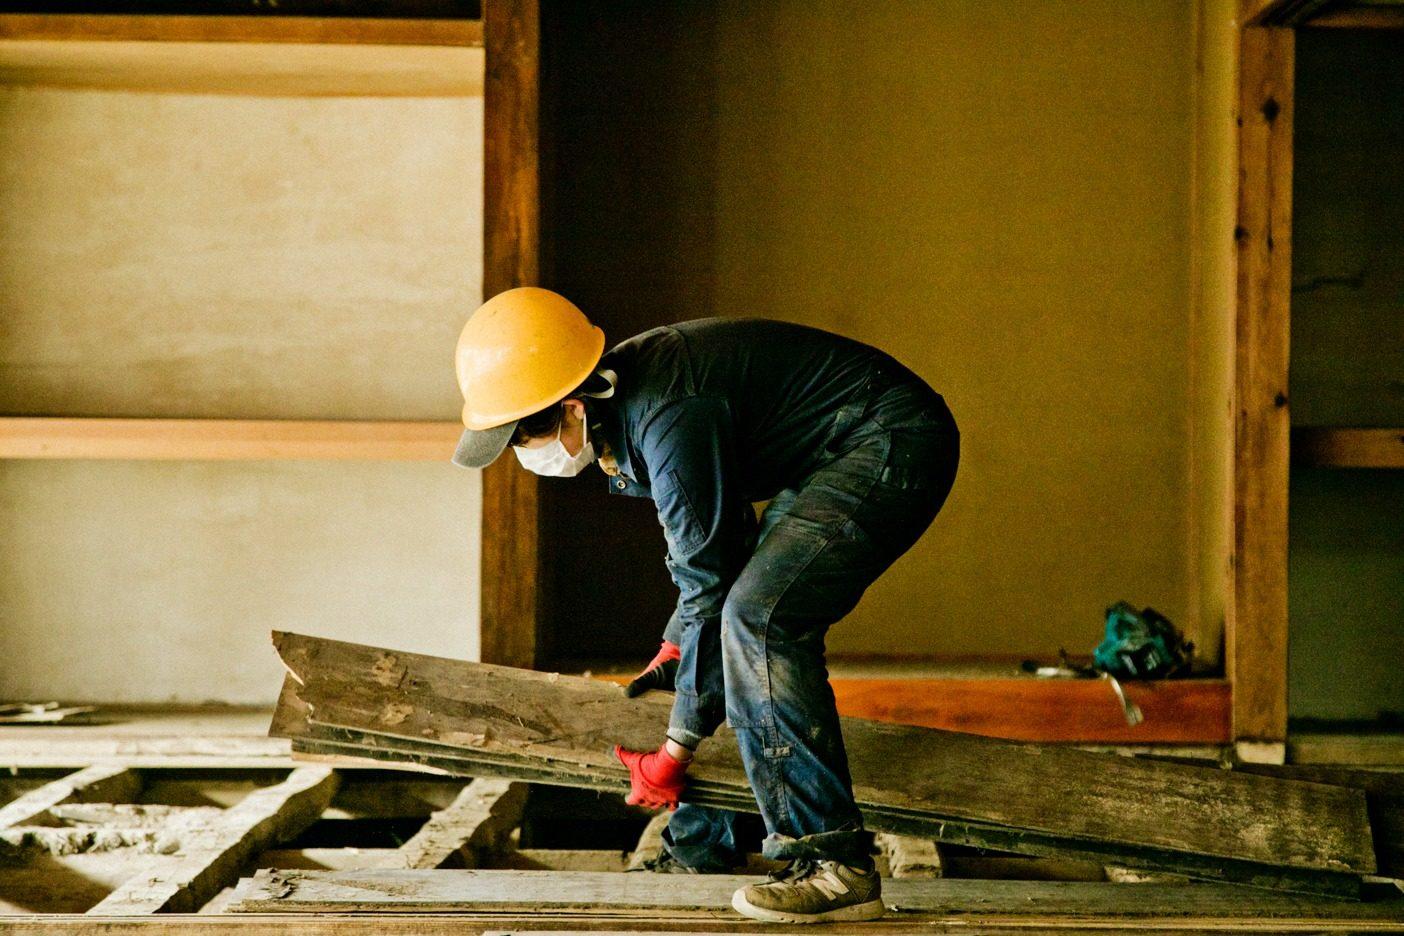 割れないように、一枚一枚丁寧に。床板のさね(凸凹の加工)を確認しながら、リビセンのスタッフ、松澤美也さんが古い床板をはがしていく。写真:五十嵐 一晴